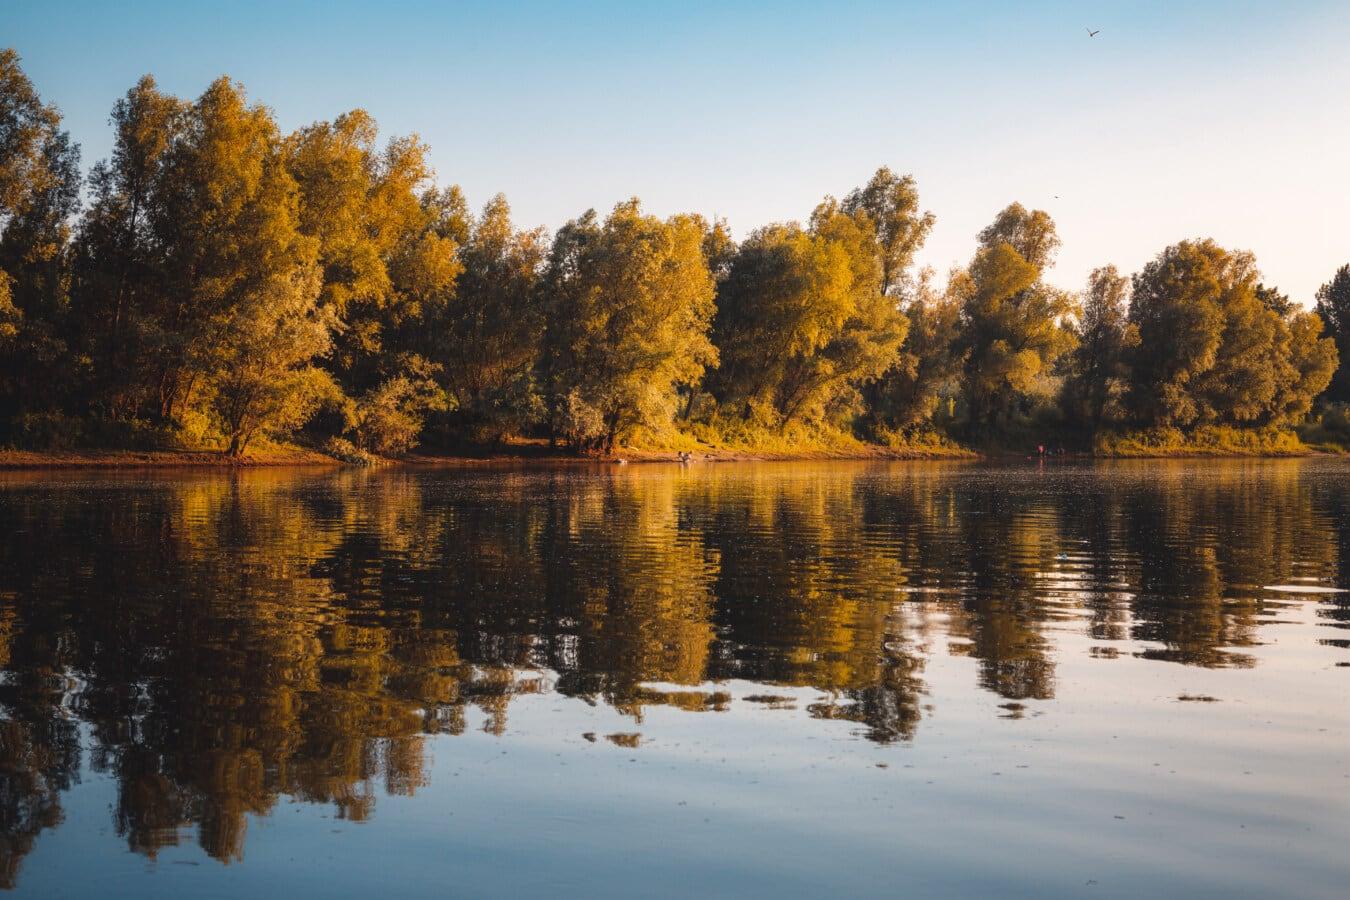 See, Reflexion, Dämmerung, Wasser, Struktur, ruhig, im freien, Fluss, Schönwetter, Blatt